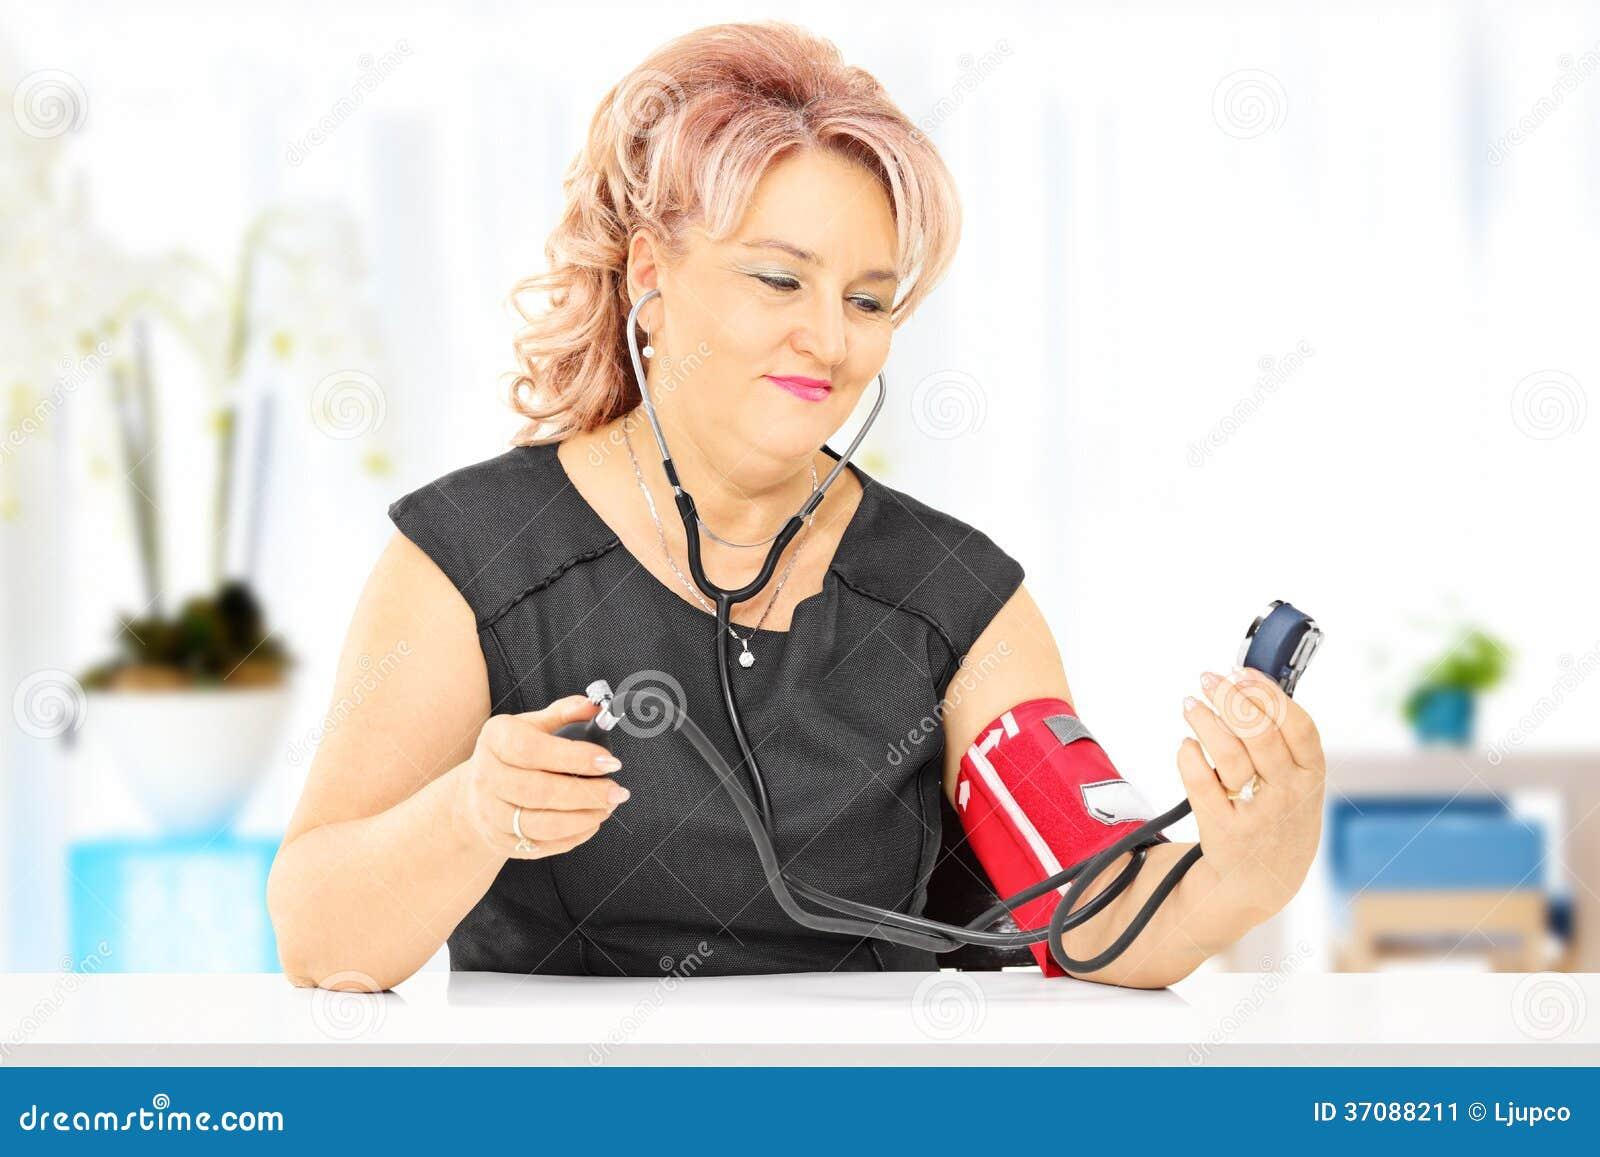 mäta blodtryck hemma